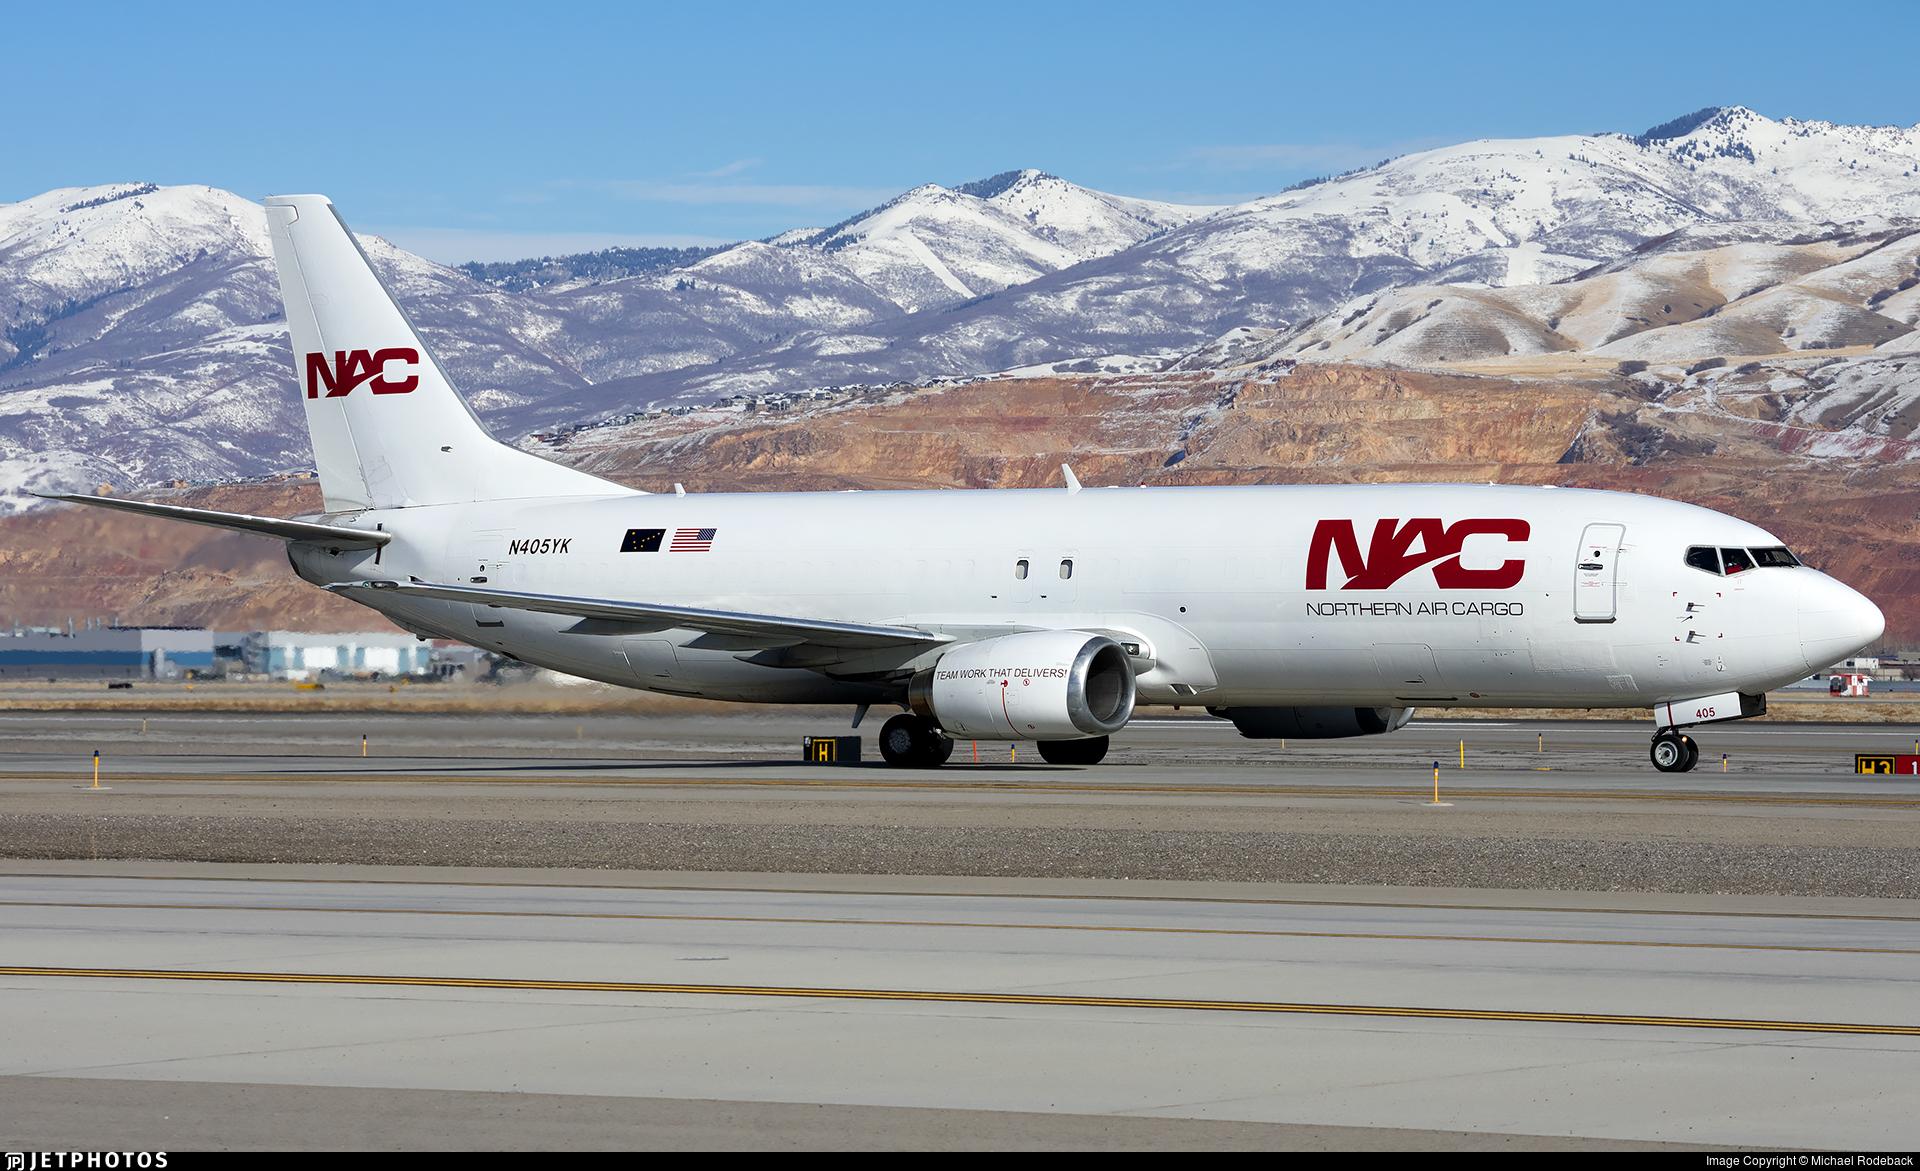 N405YK - Boeing 737-436(SF) - Northern Air Cargo (NAC)